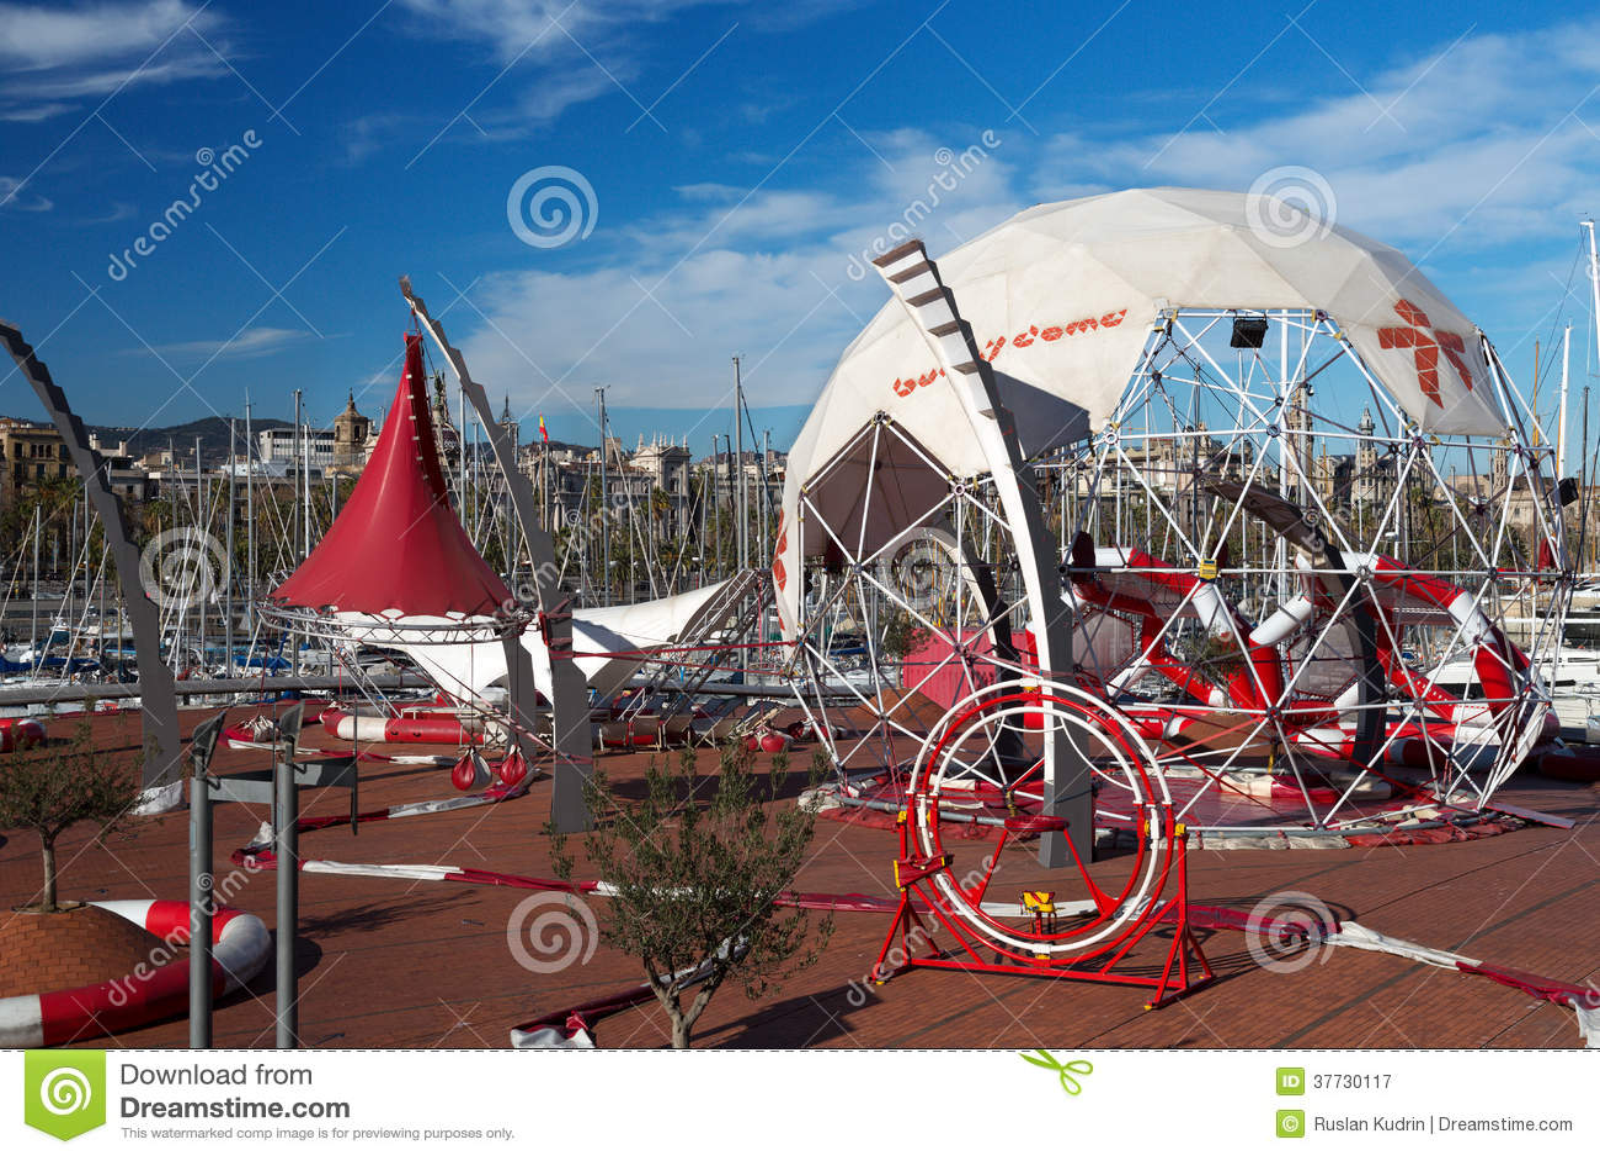 Parc d 39 attractions dans le port de barcelone photographie - Barcelone parc d attraction port aventura ...